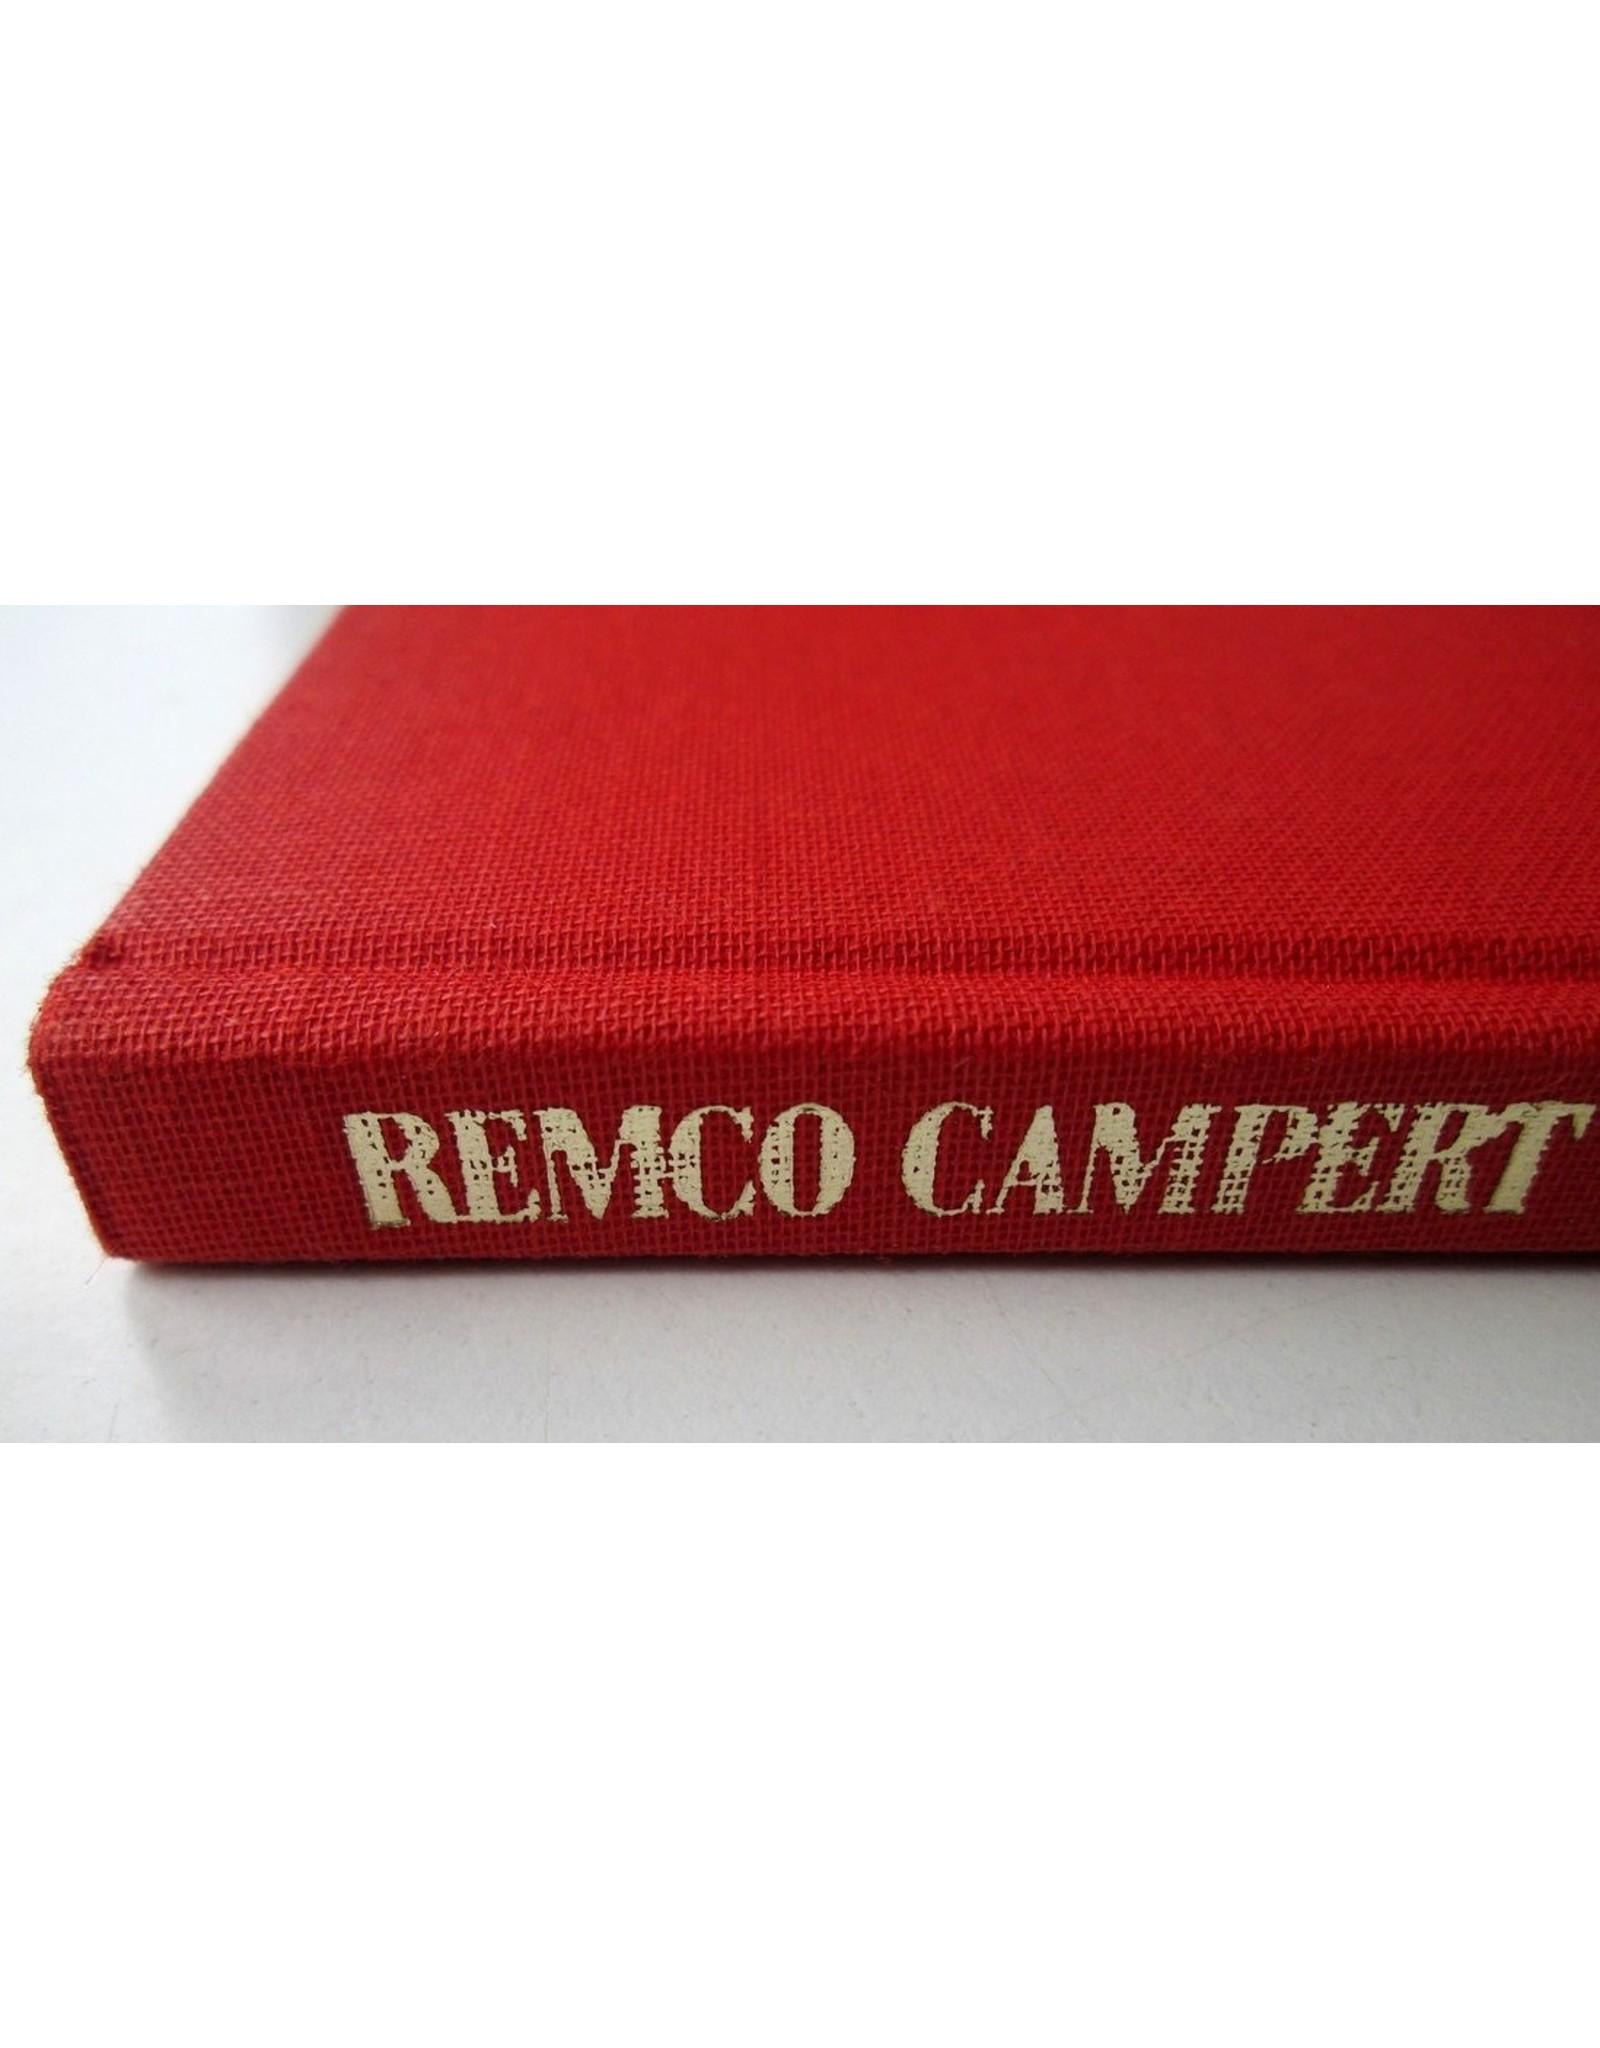 Remco Campert - Somberman's Actie - [Luxe gebonden editie]